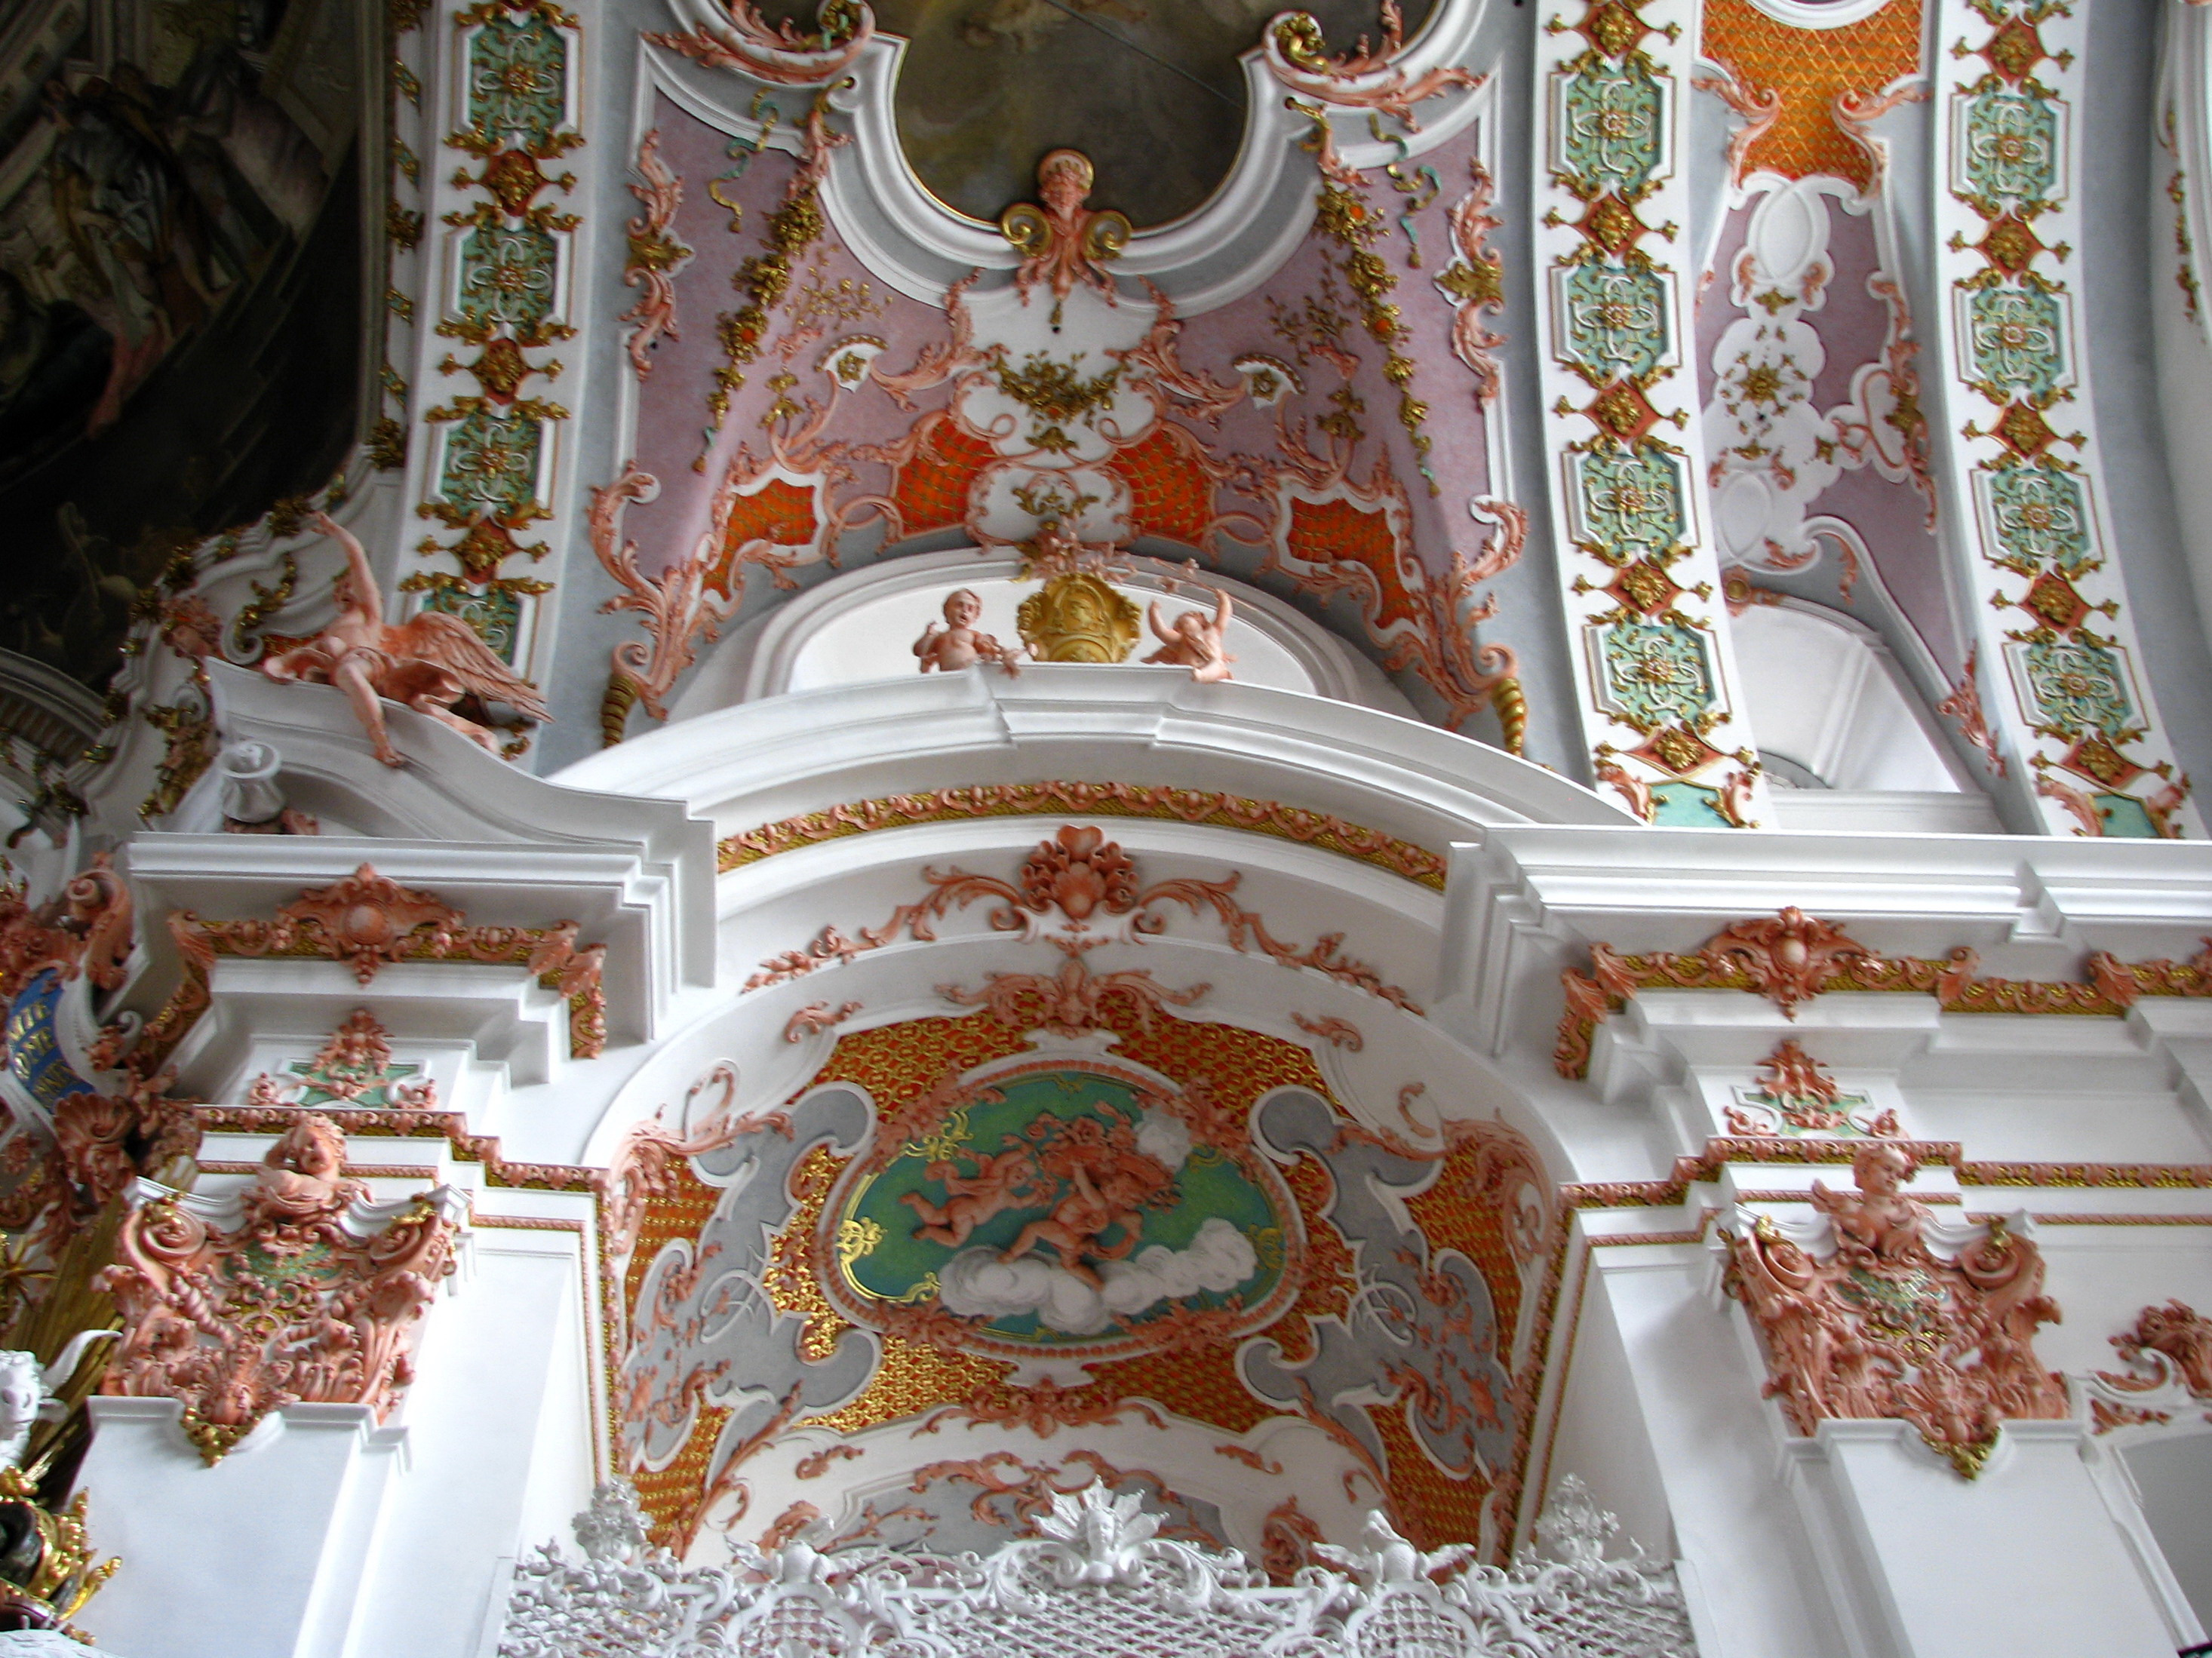 Kloster_Einsiedeln_MG_2745